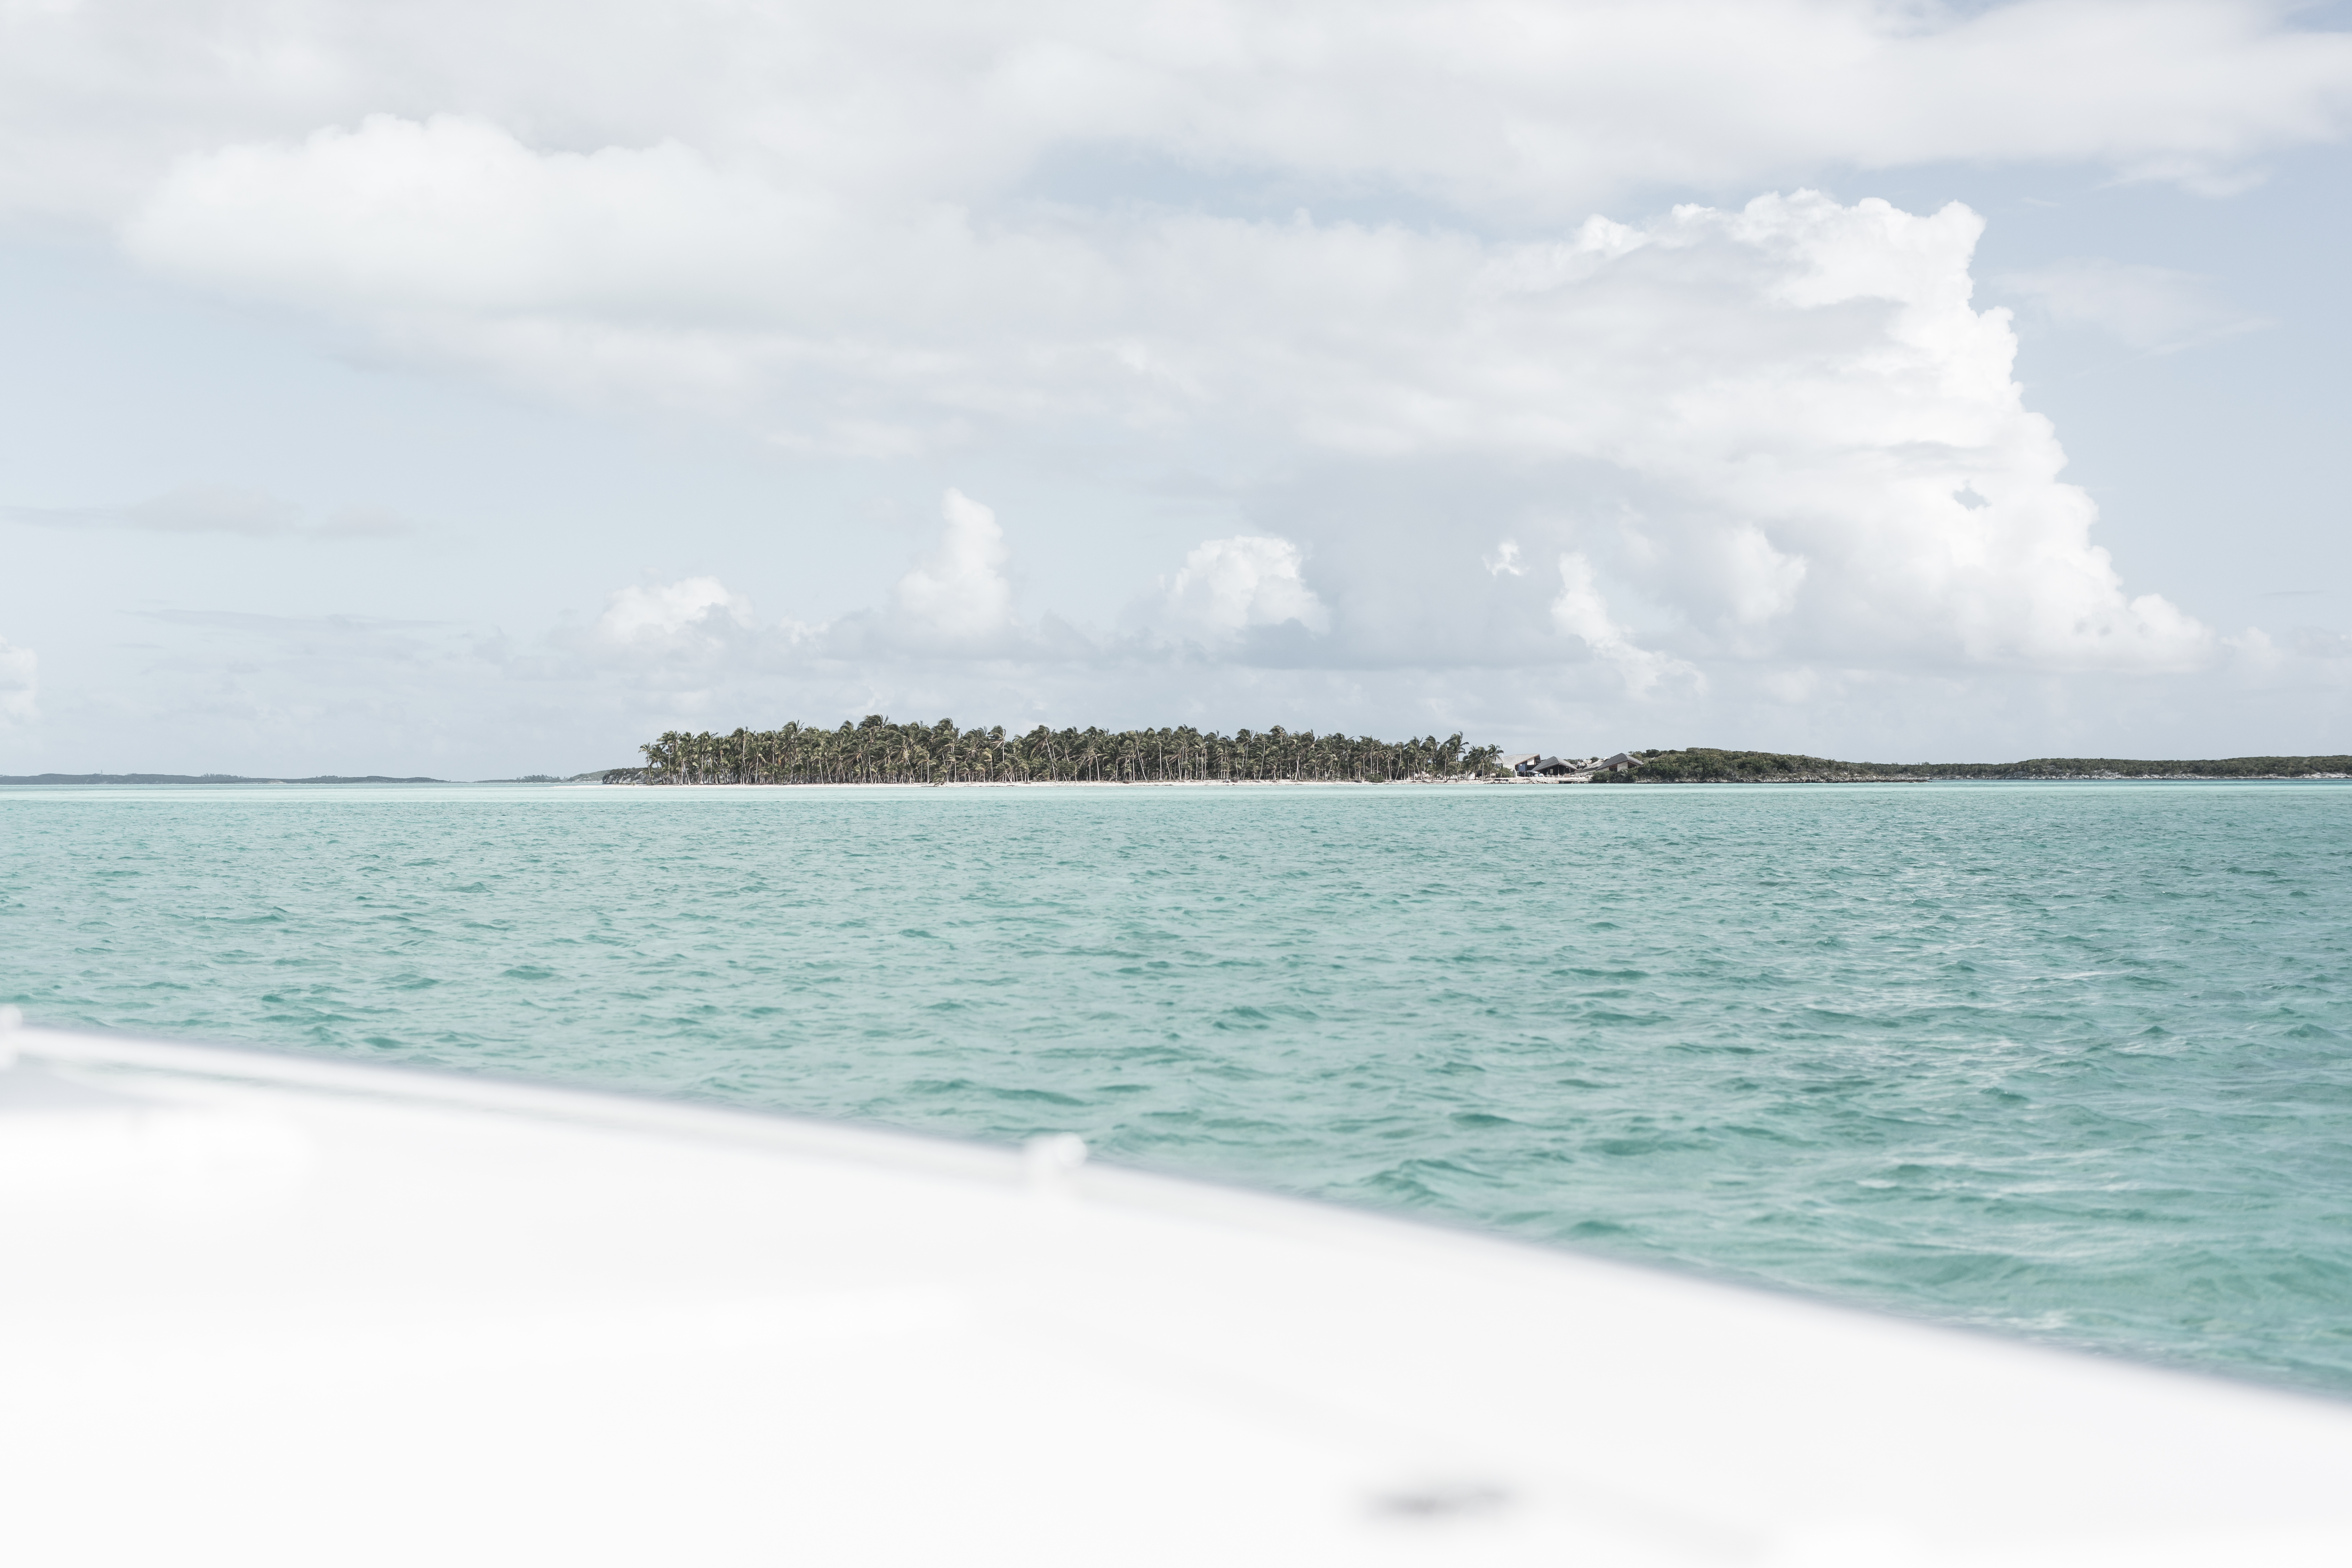 annalaurakummer-bahamas-travel-guide-reise-14